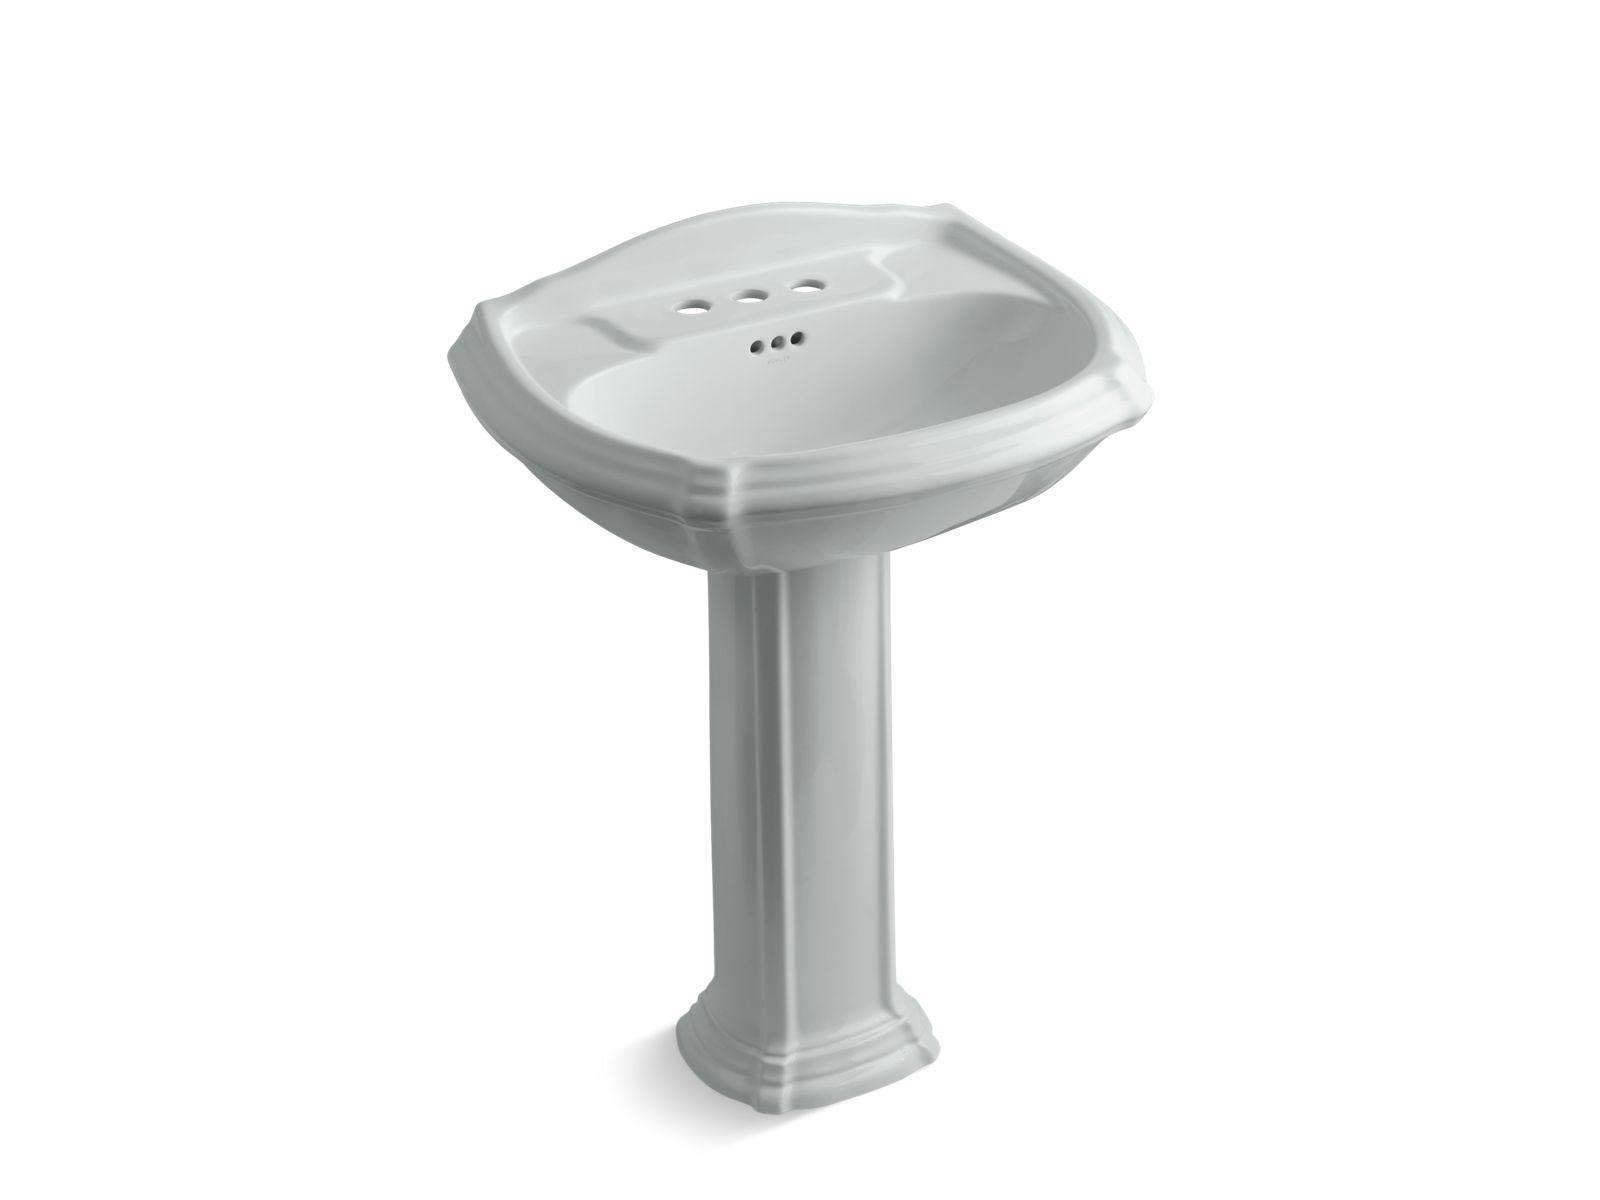 Portrait Pedestal Sink with 4-Inch Centers | K-2221-4 | KOHLER